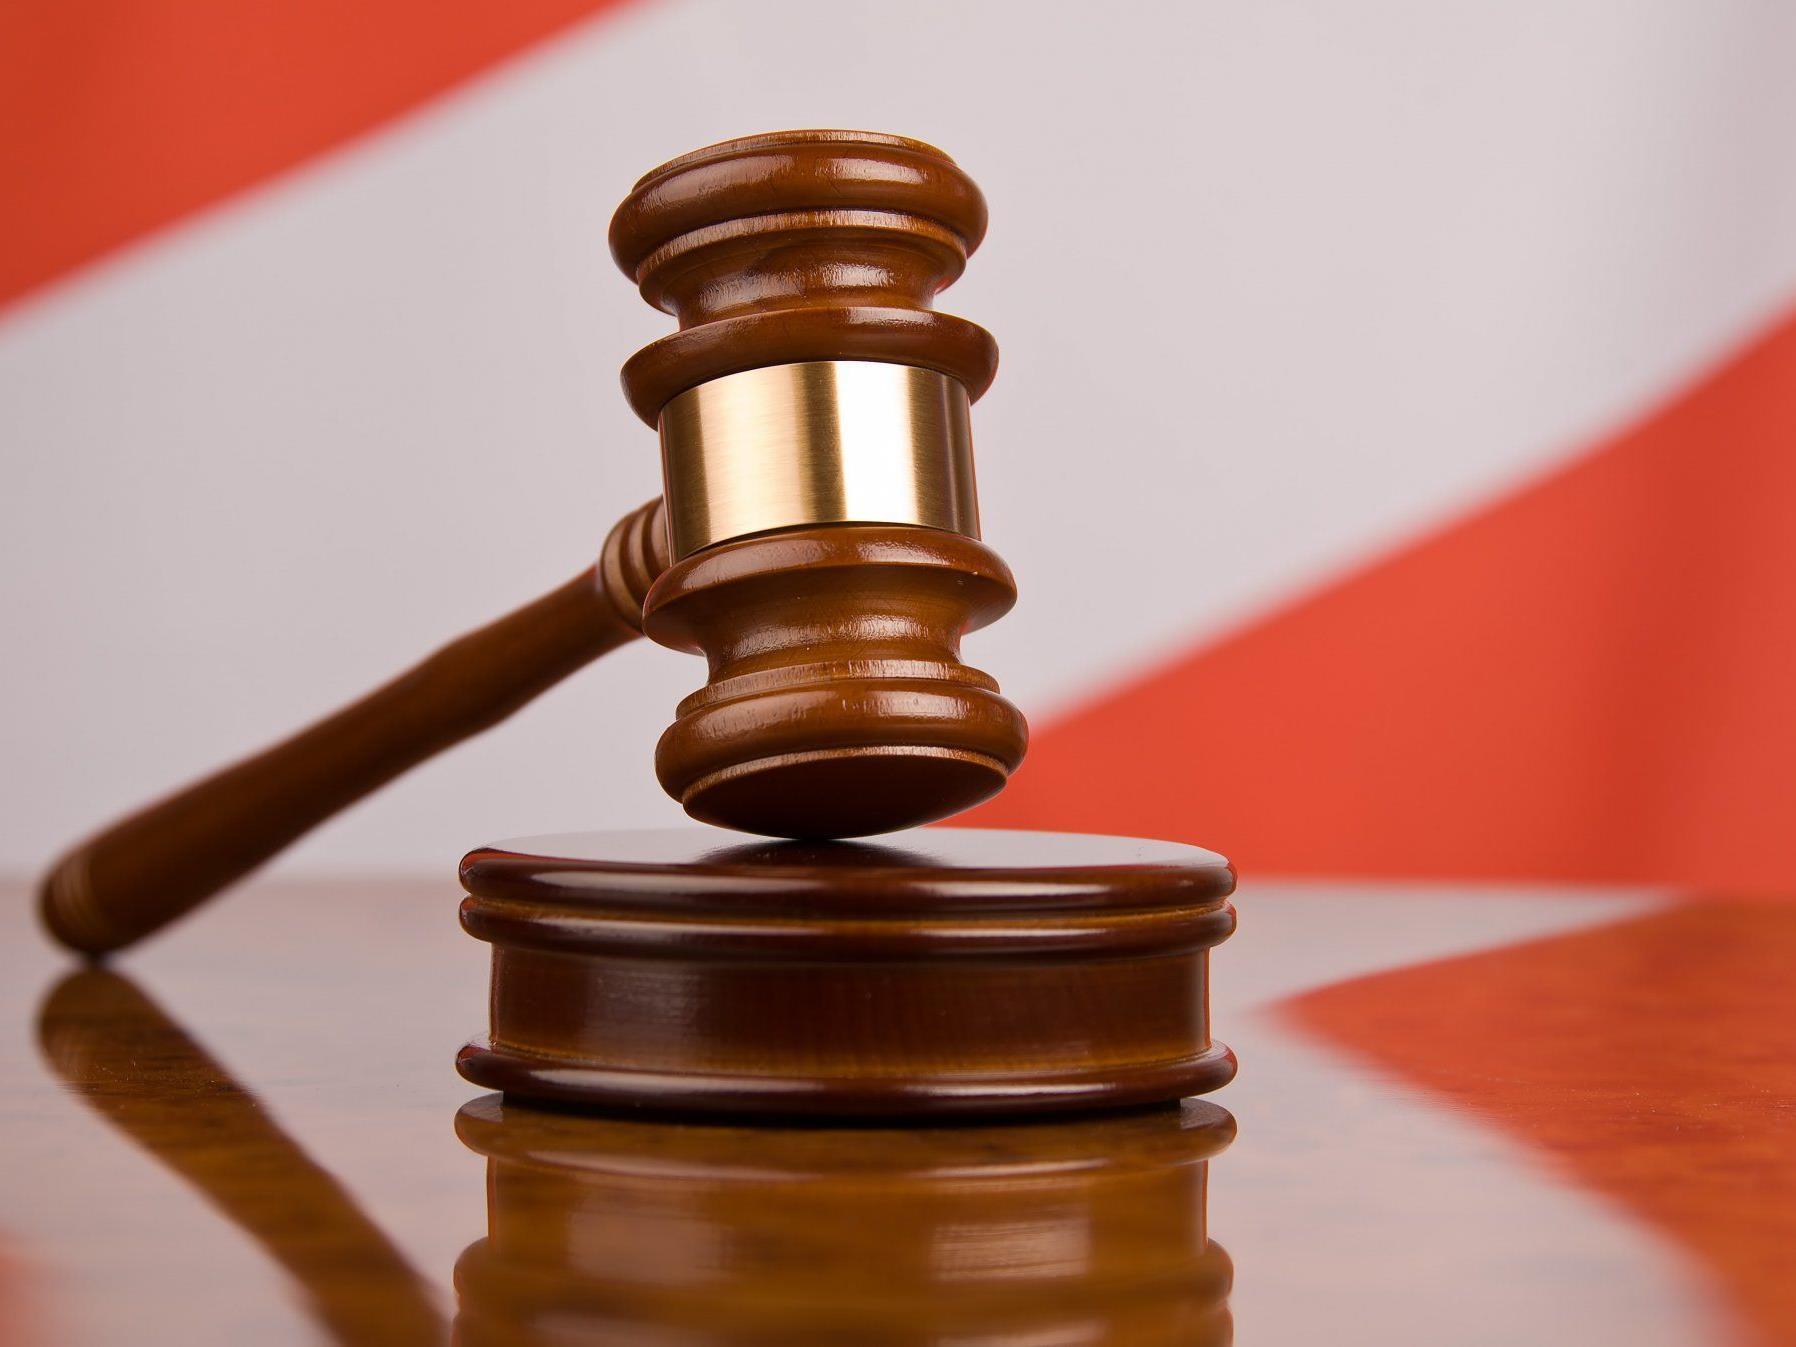 Der Oberösterreicher wurde zu 18 Monate bedingt verurteilt.